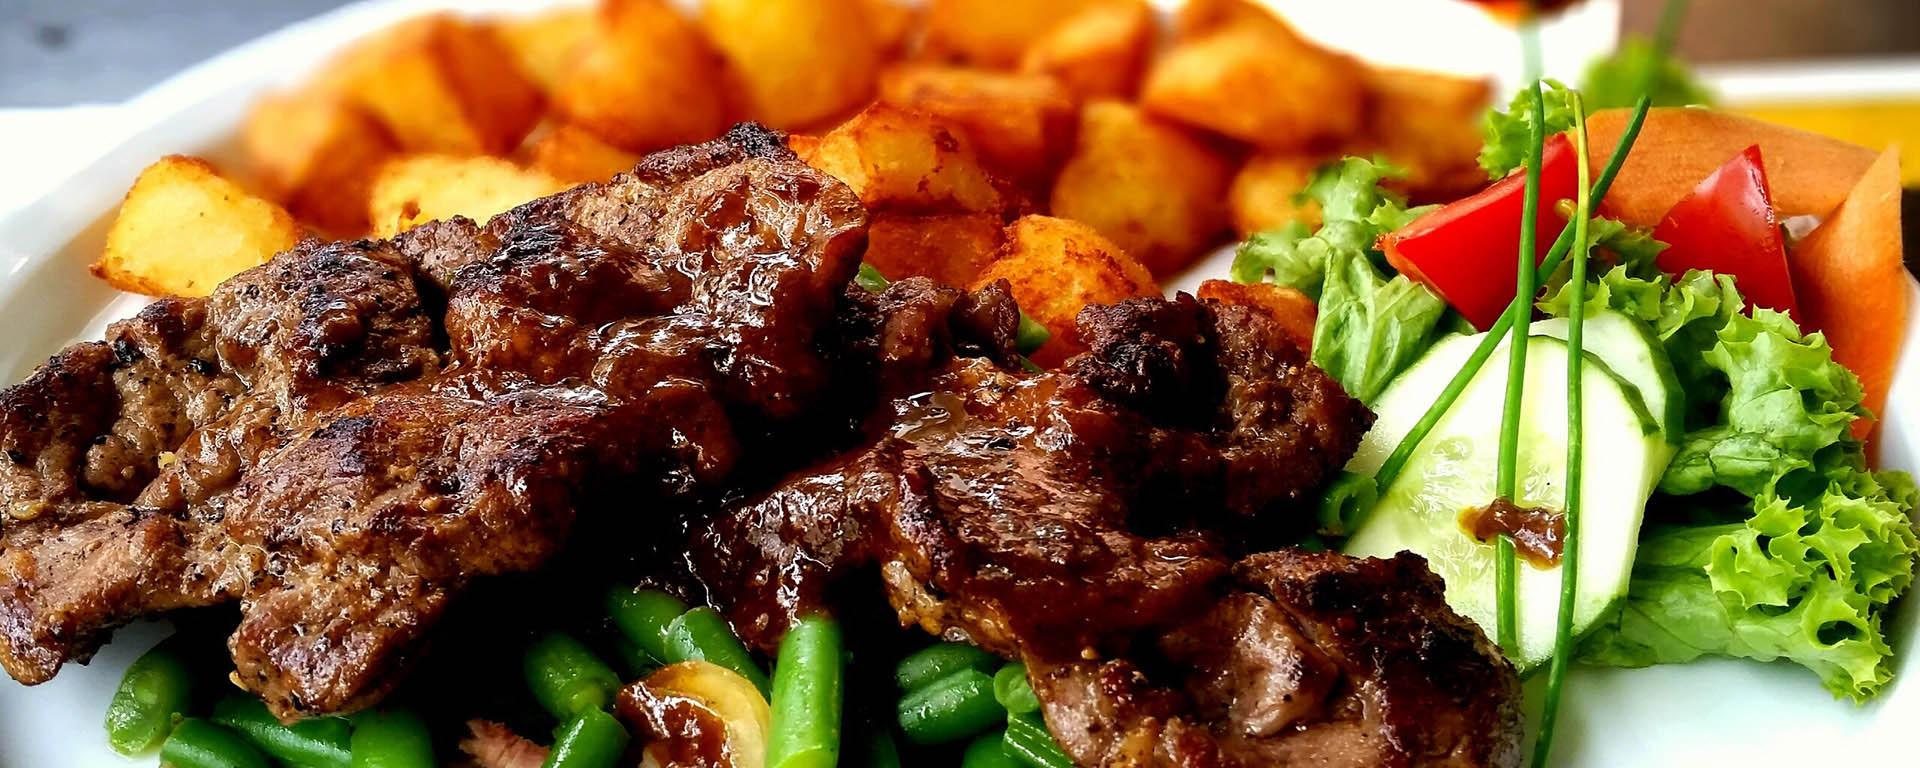 """Gaststätte Ziegelhof: Gut, lecker, reichlich zu Mittag essen im """"Ziegelhof"""" mit Rabatt:"""